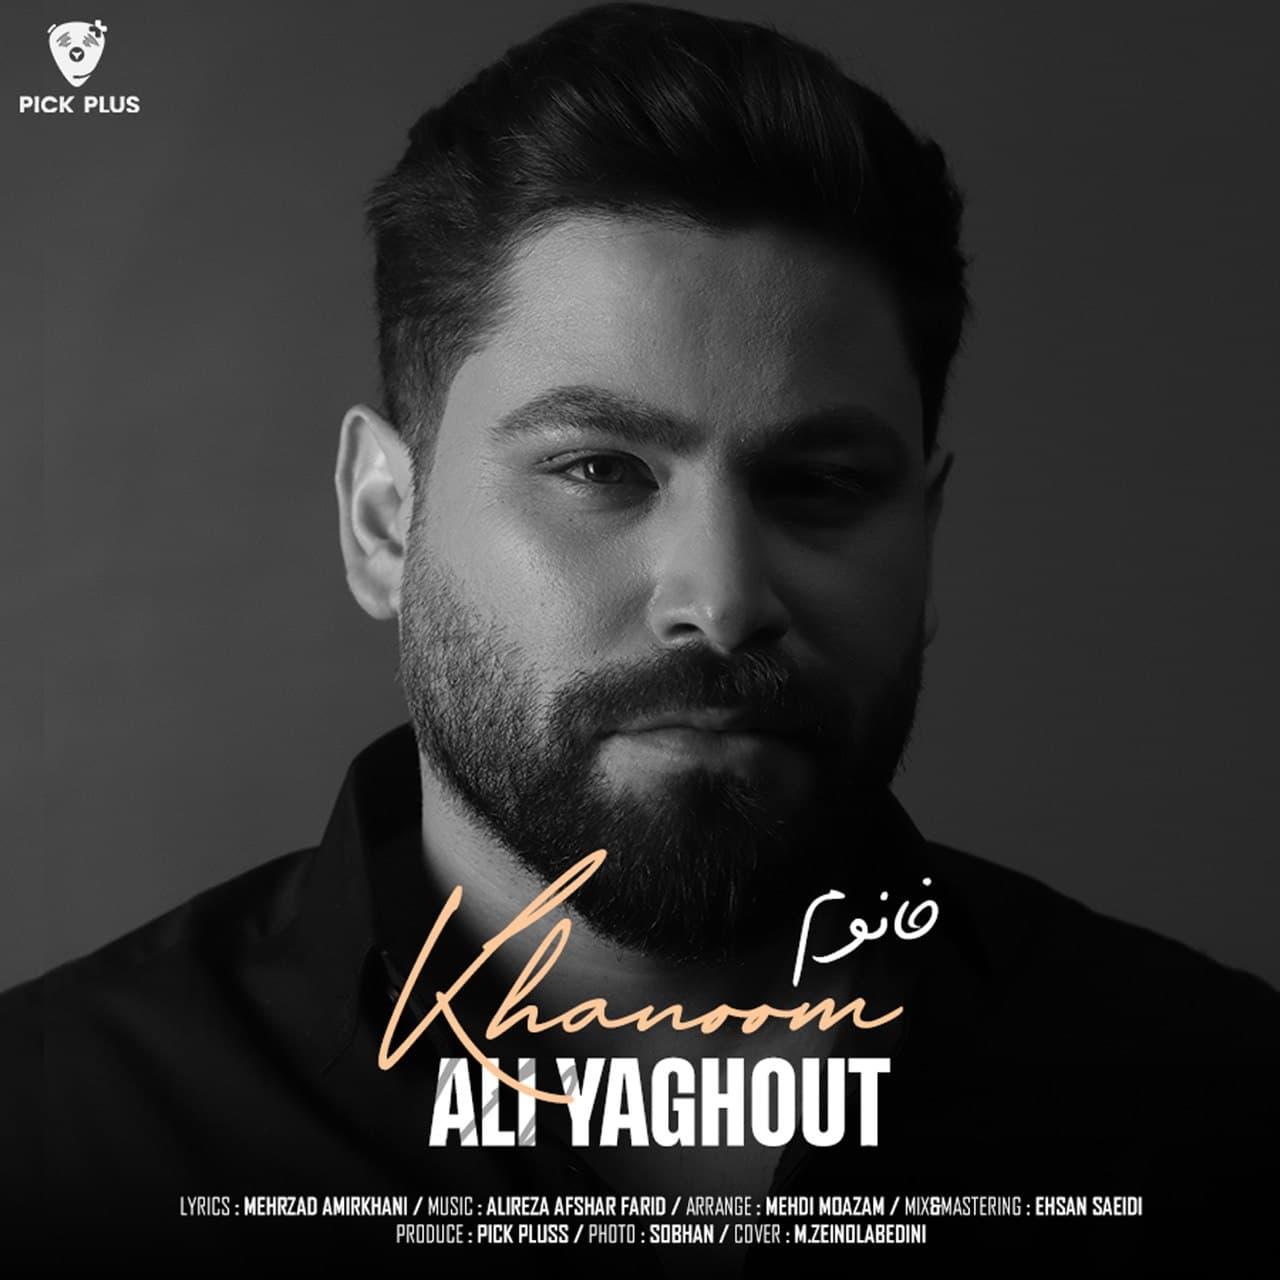 دانلود موزیک جدید خانوم از علی یاقوت